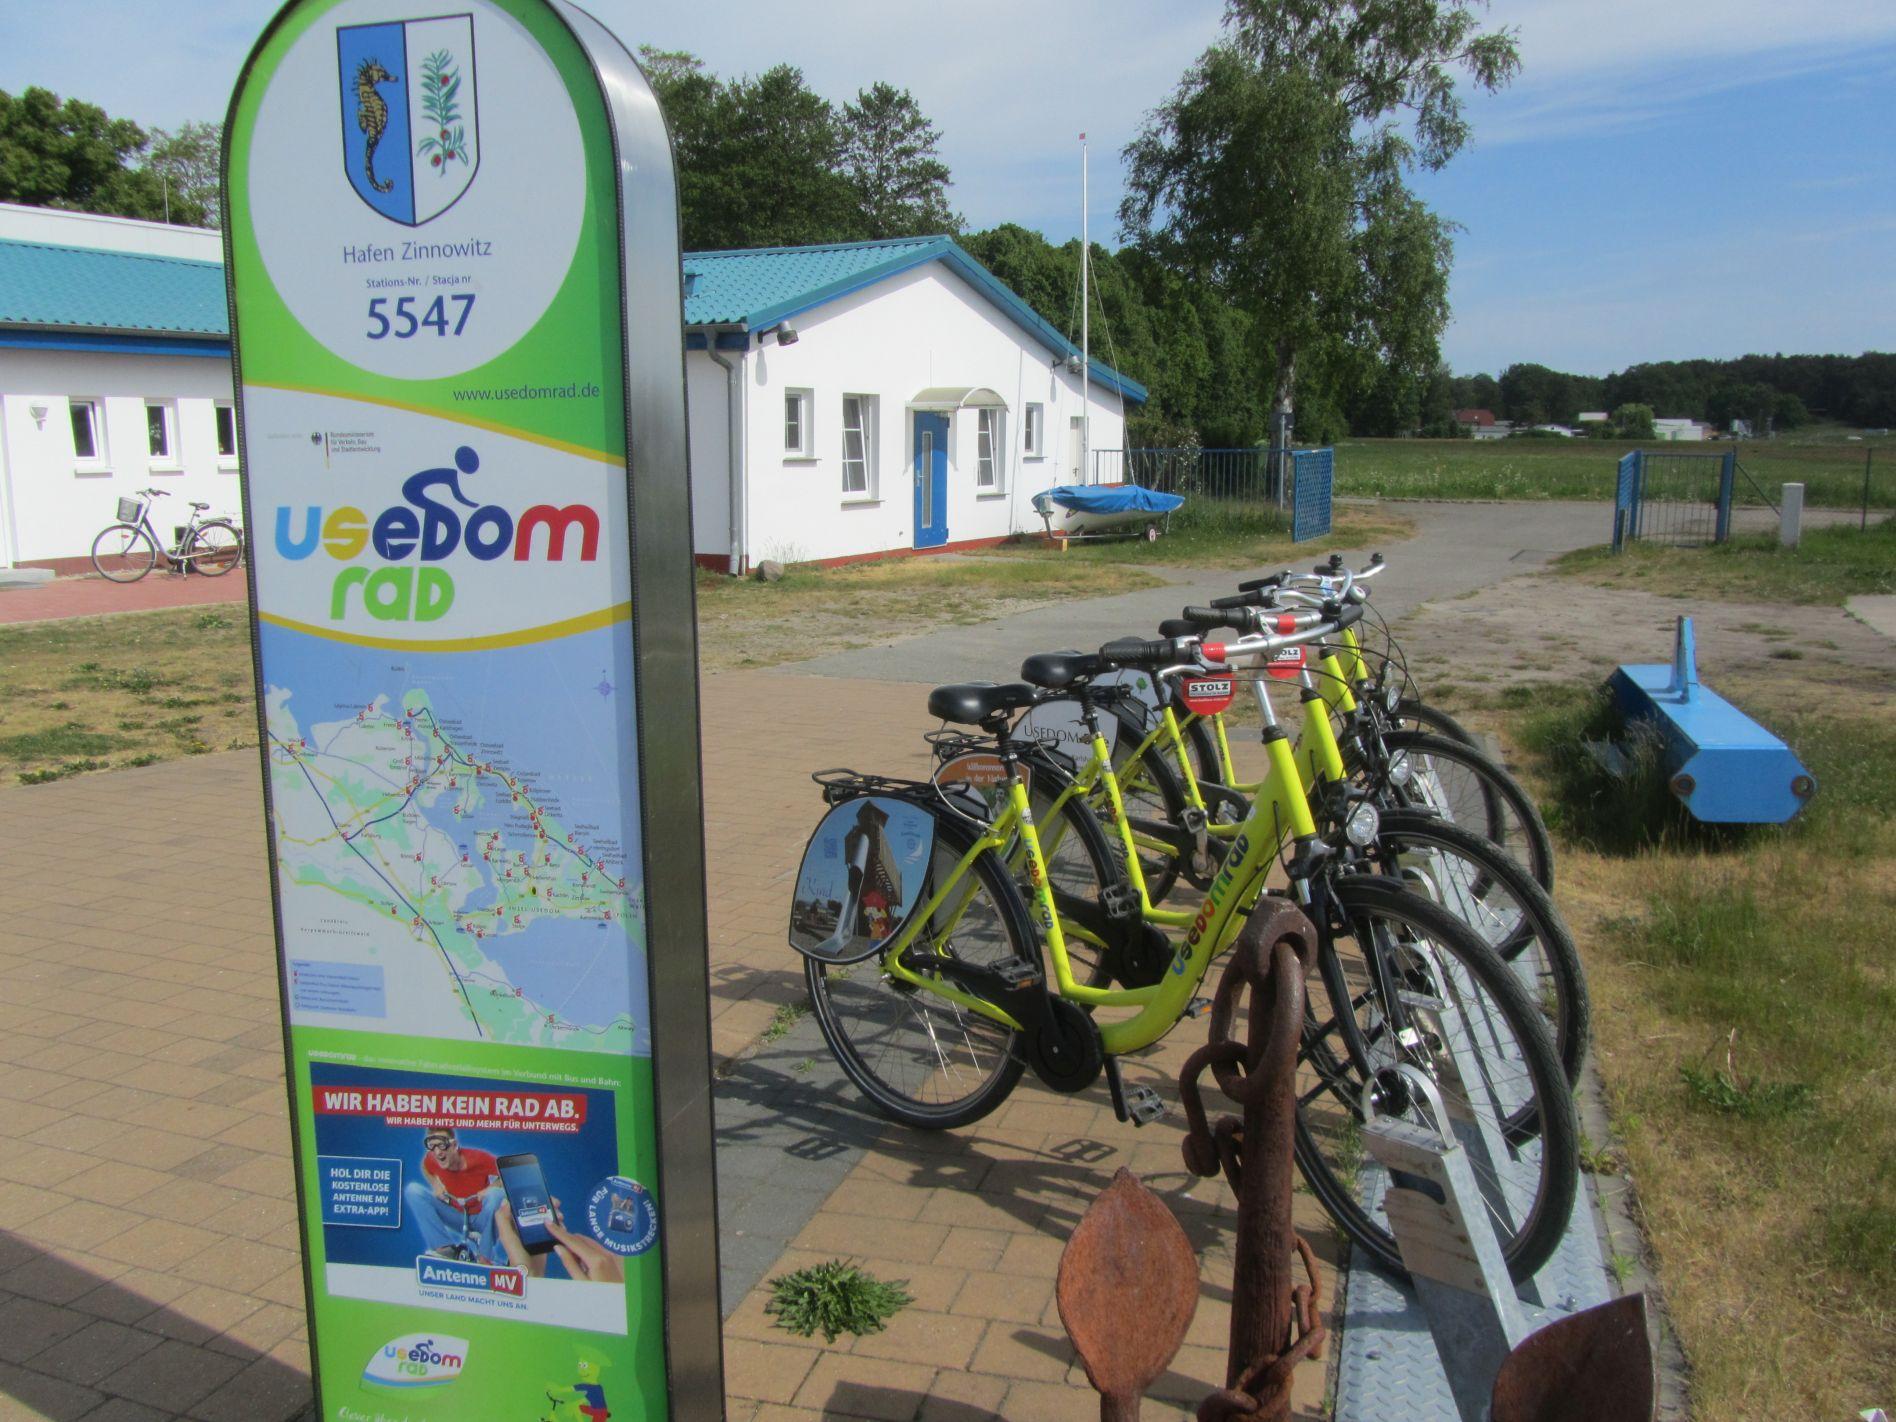 Fahrrad mieten am Hafen in Zinnowitz